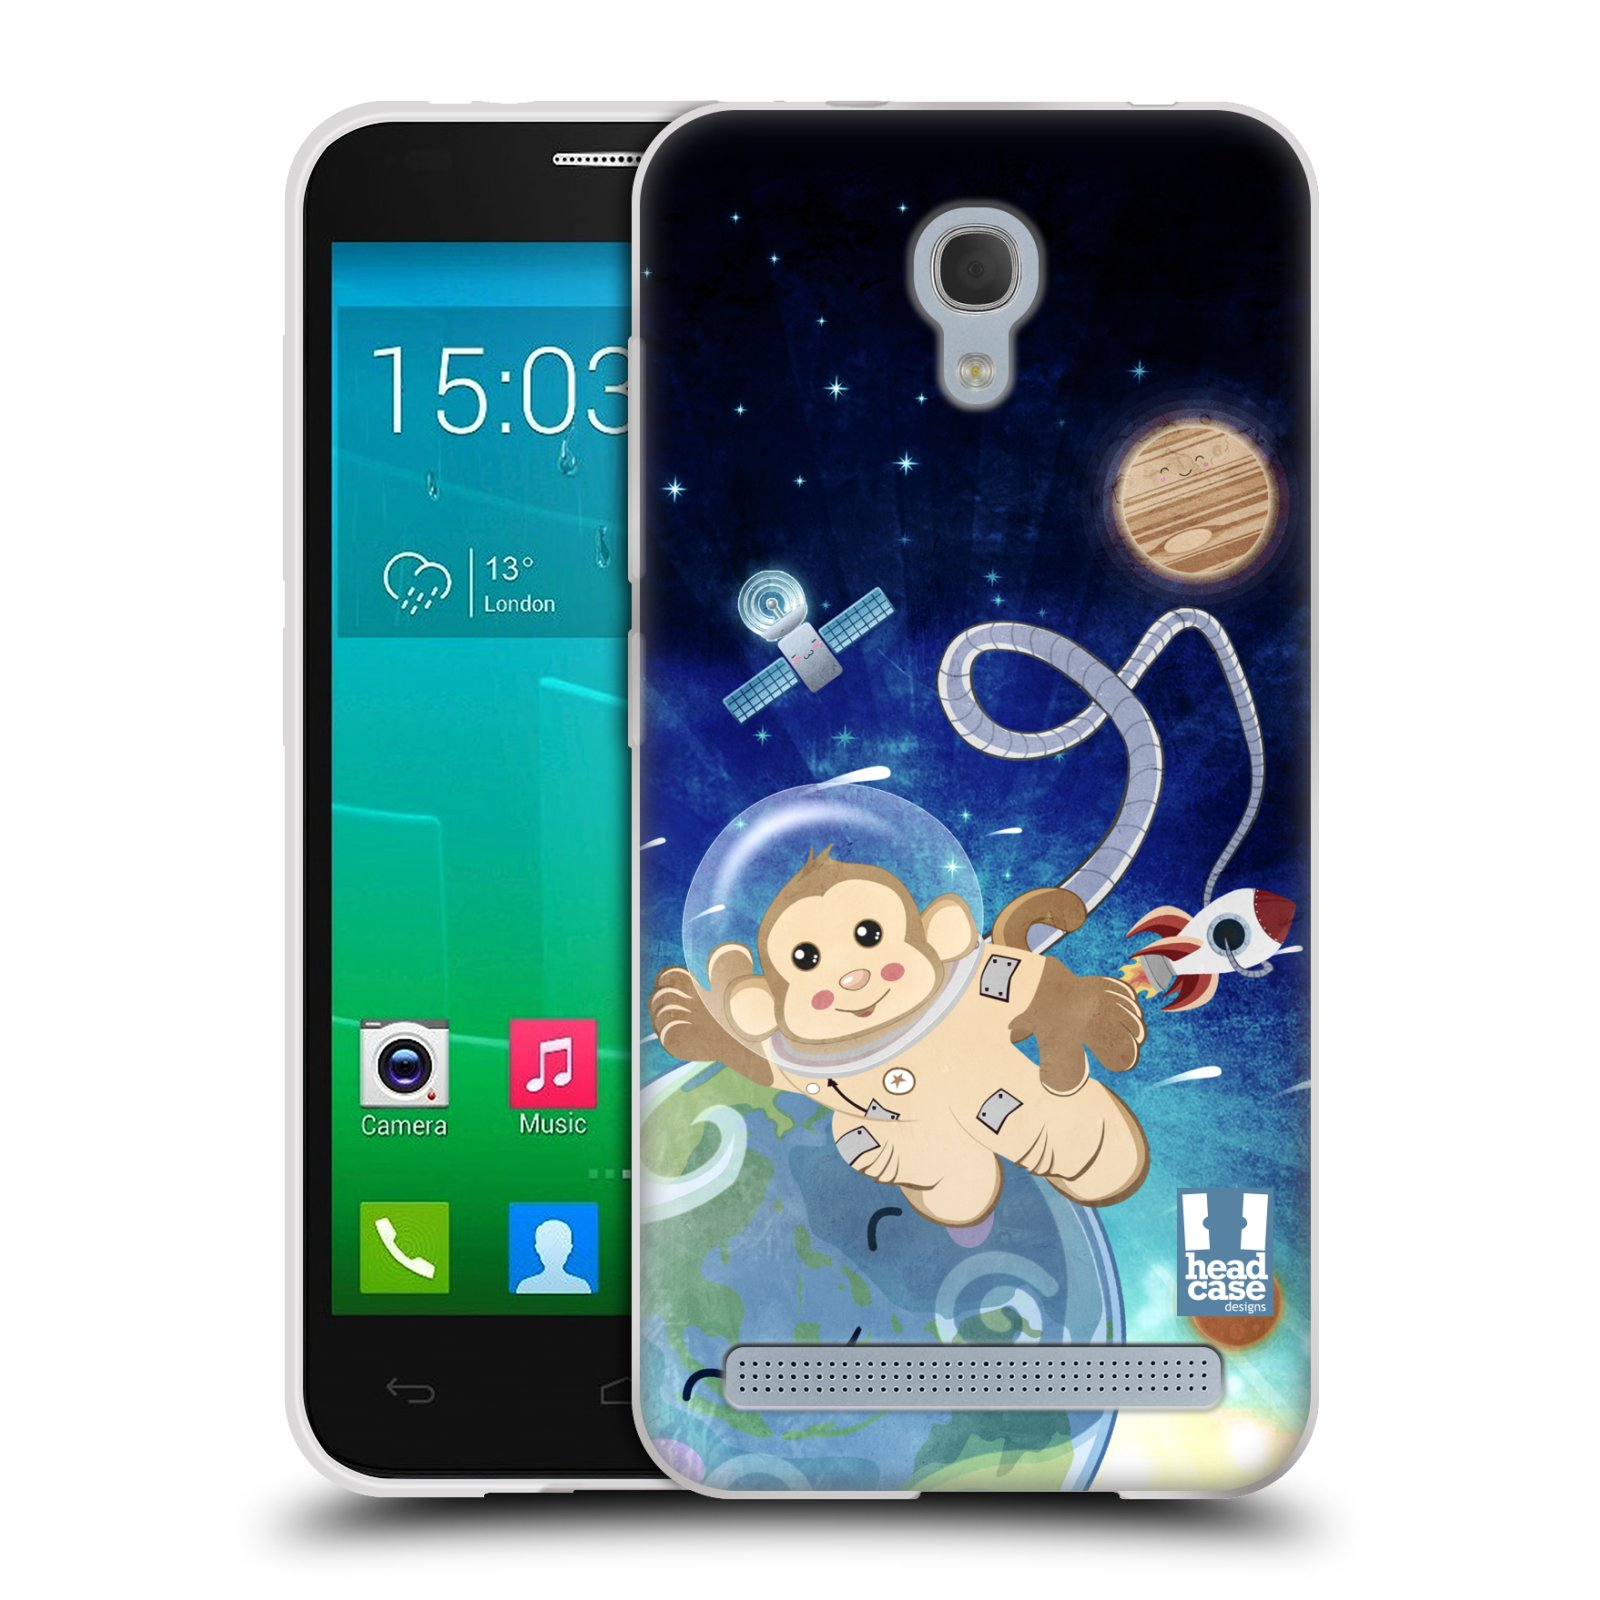 HEAD CASE silikonový obal na mobil Alcatel Idol 2 MINI S 6036Y vzor Zvířecí astronauti opička